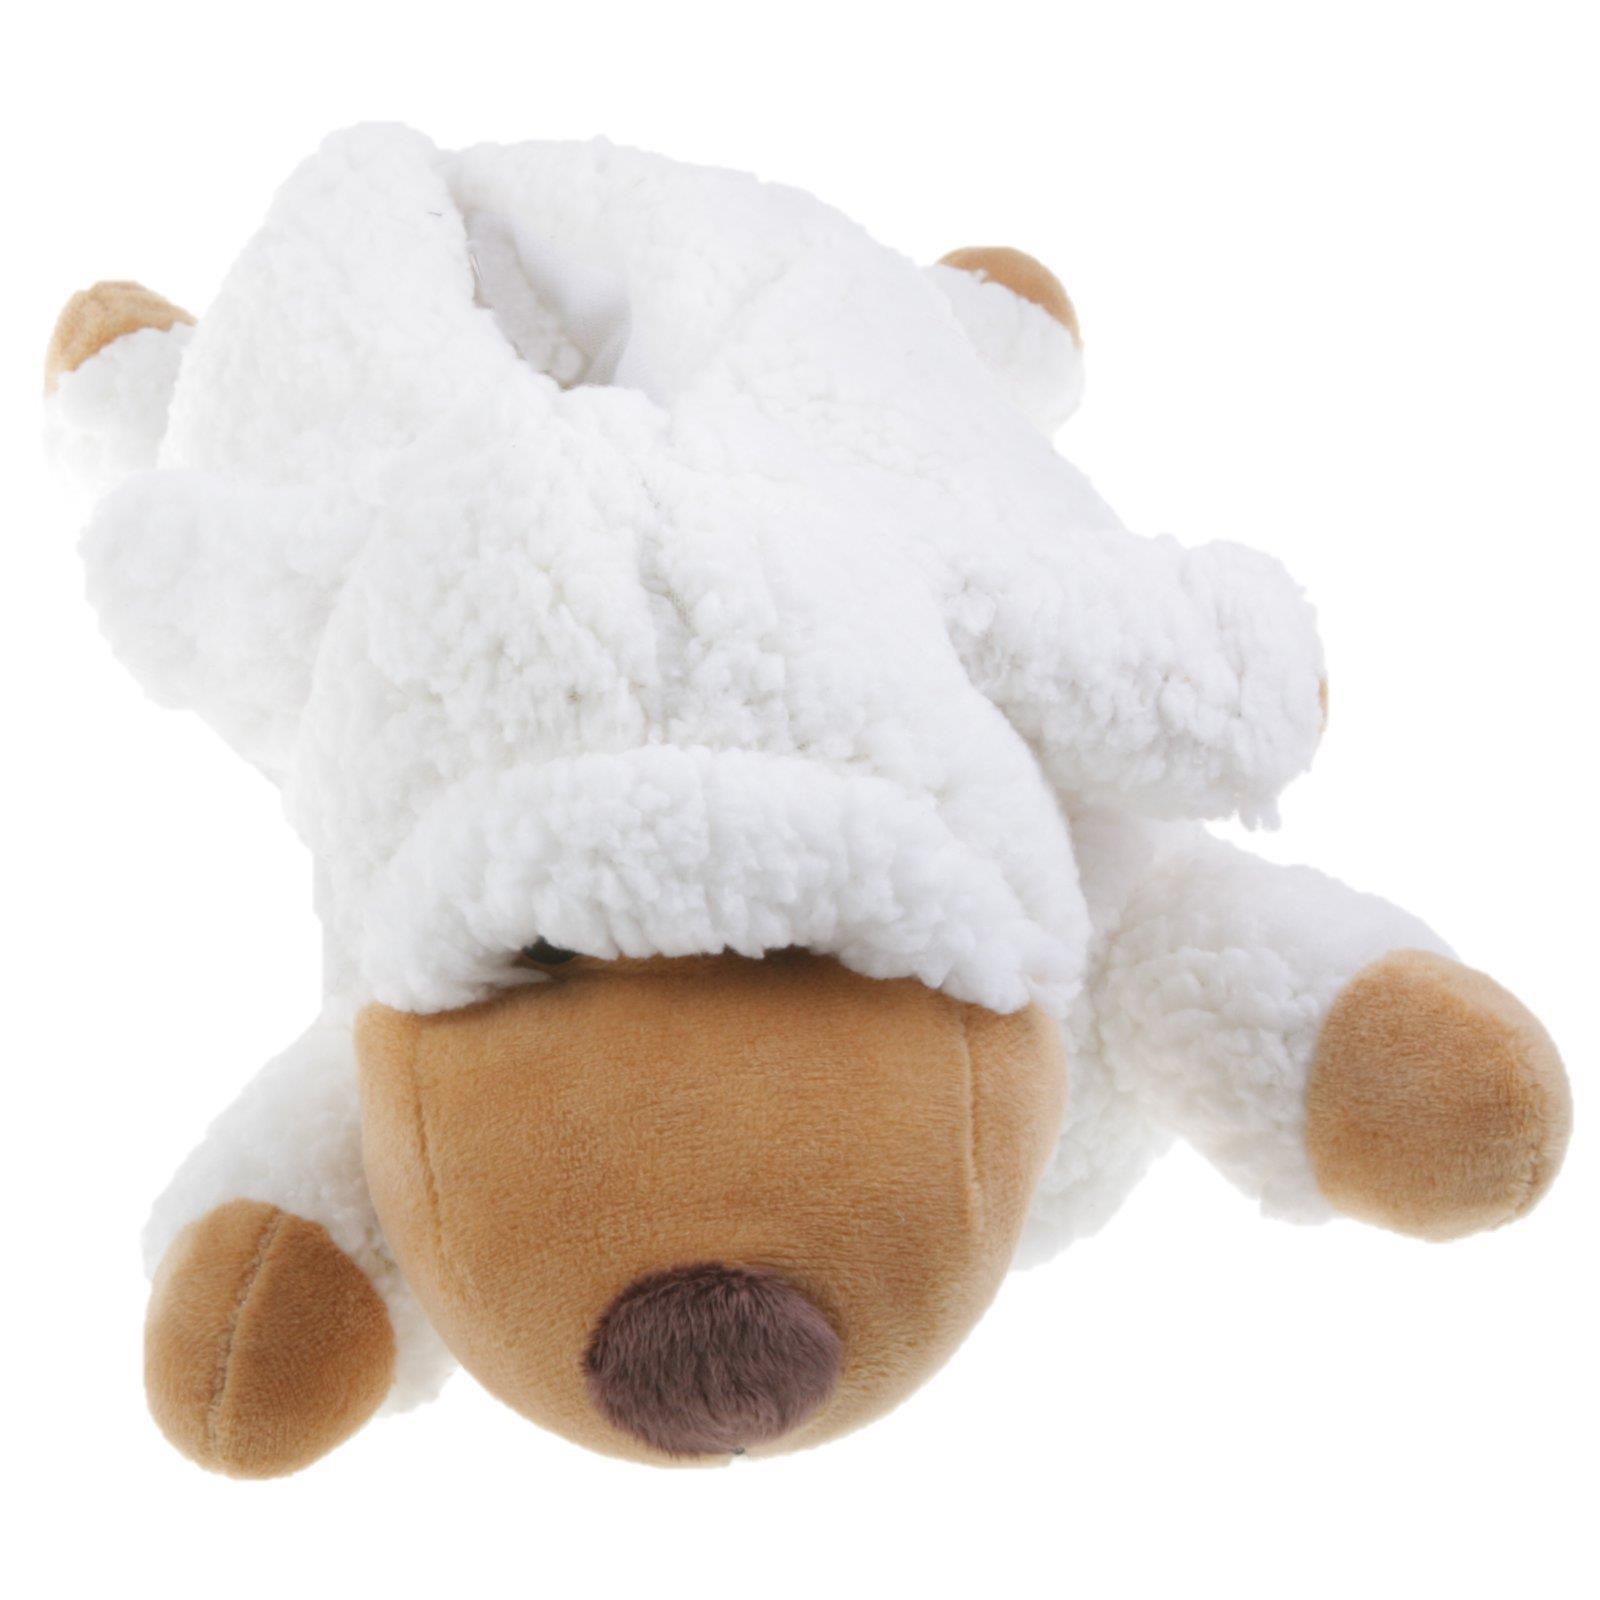 Schaf-Tier-Hausschuhe-Pantoffel-Schlappen-Kuscheltier-Pluesch-Schuh-Damen-Kinder Indexbild 10